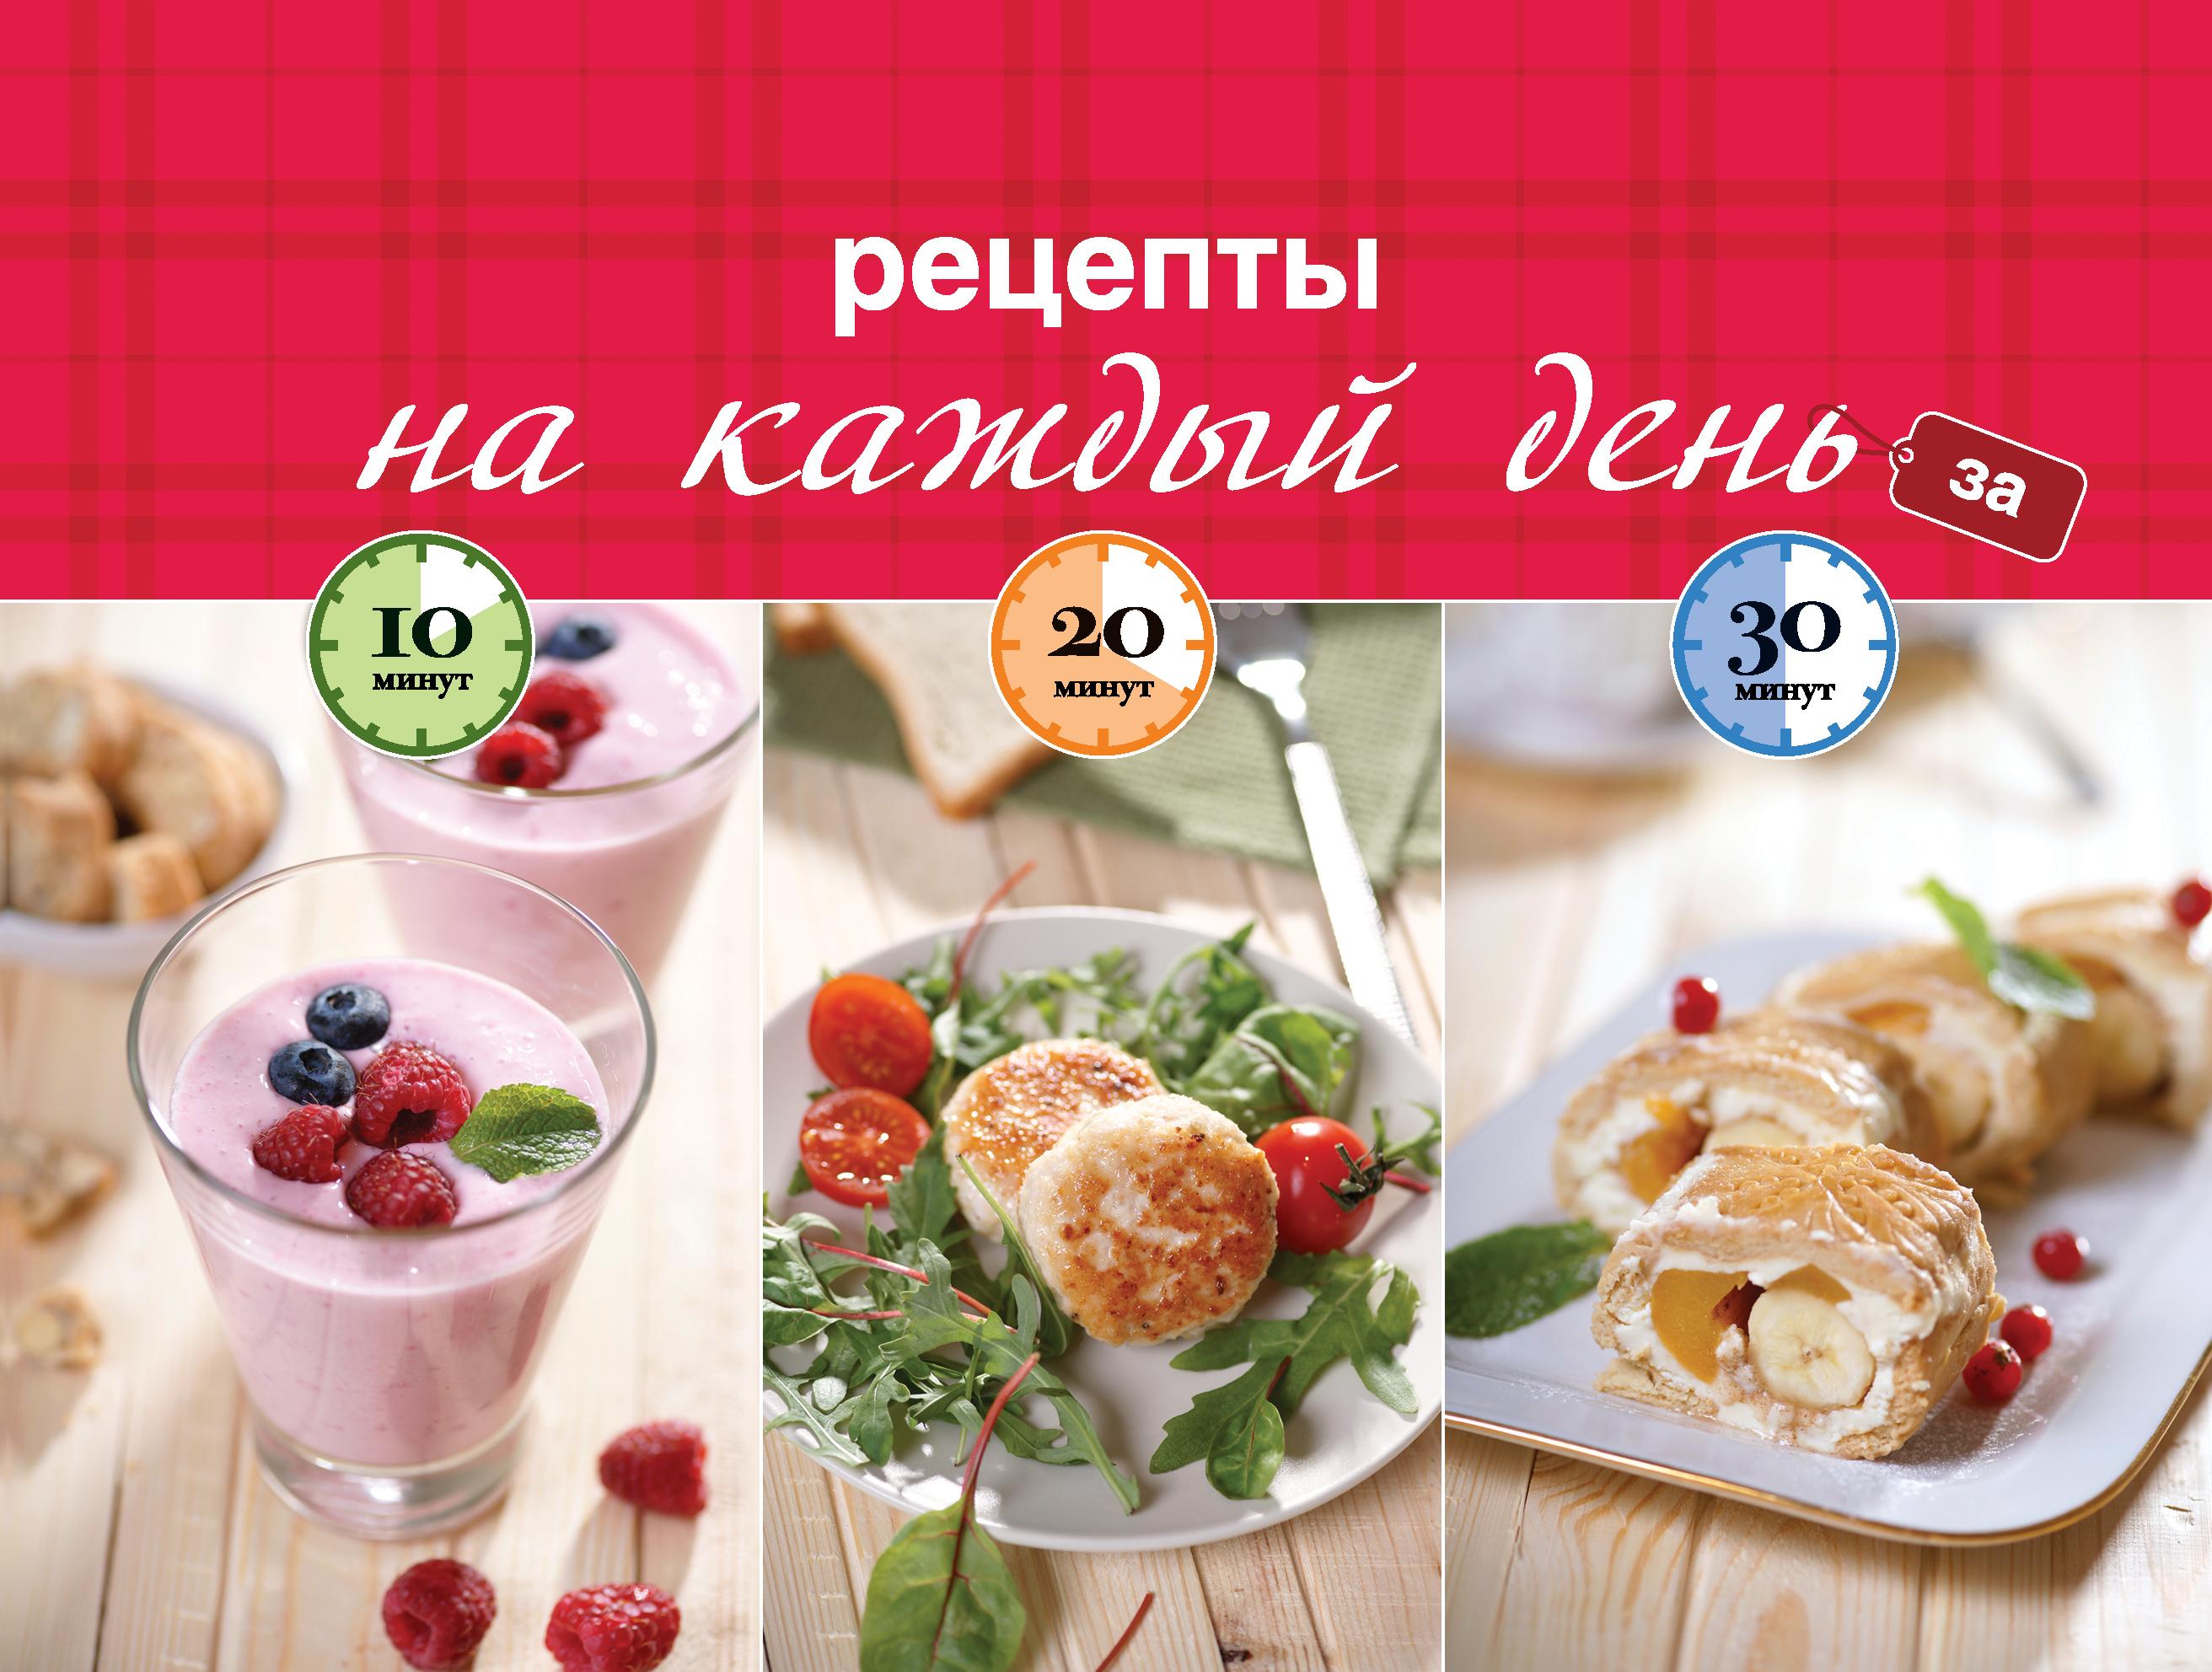 Рецепты на каждый день за 10, 20, 30 минут